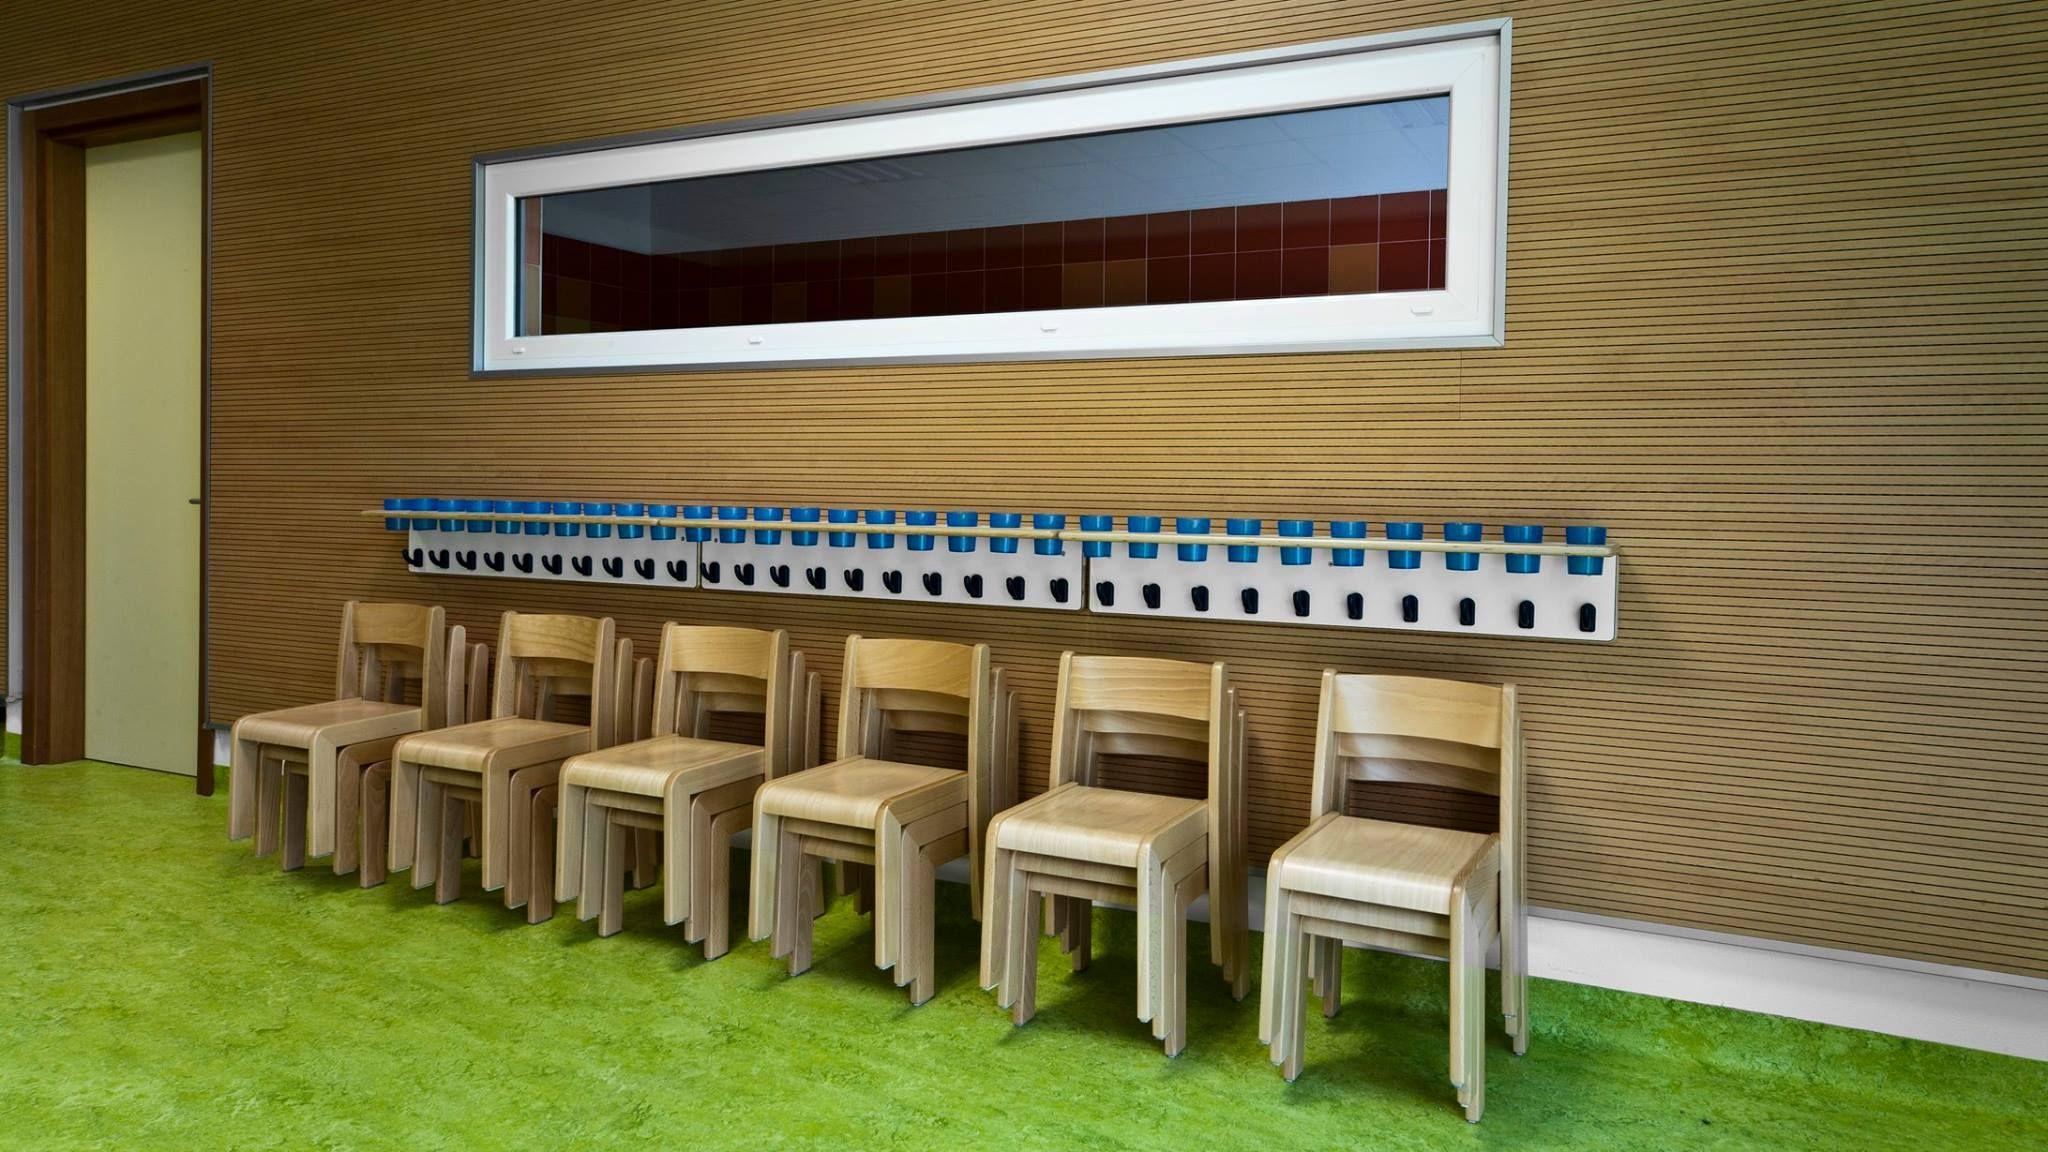 Scuola materna - Milano #scuola #architettura #arredamento #interni ...